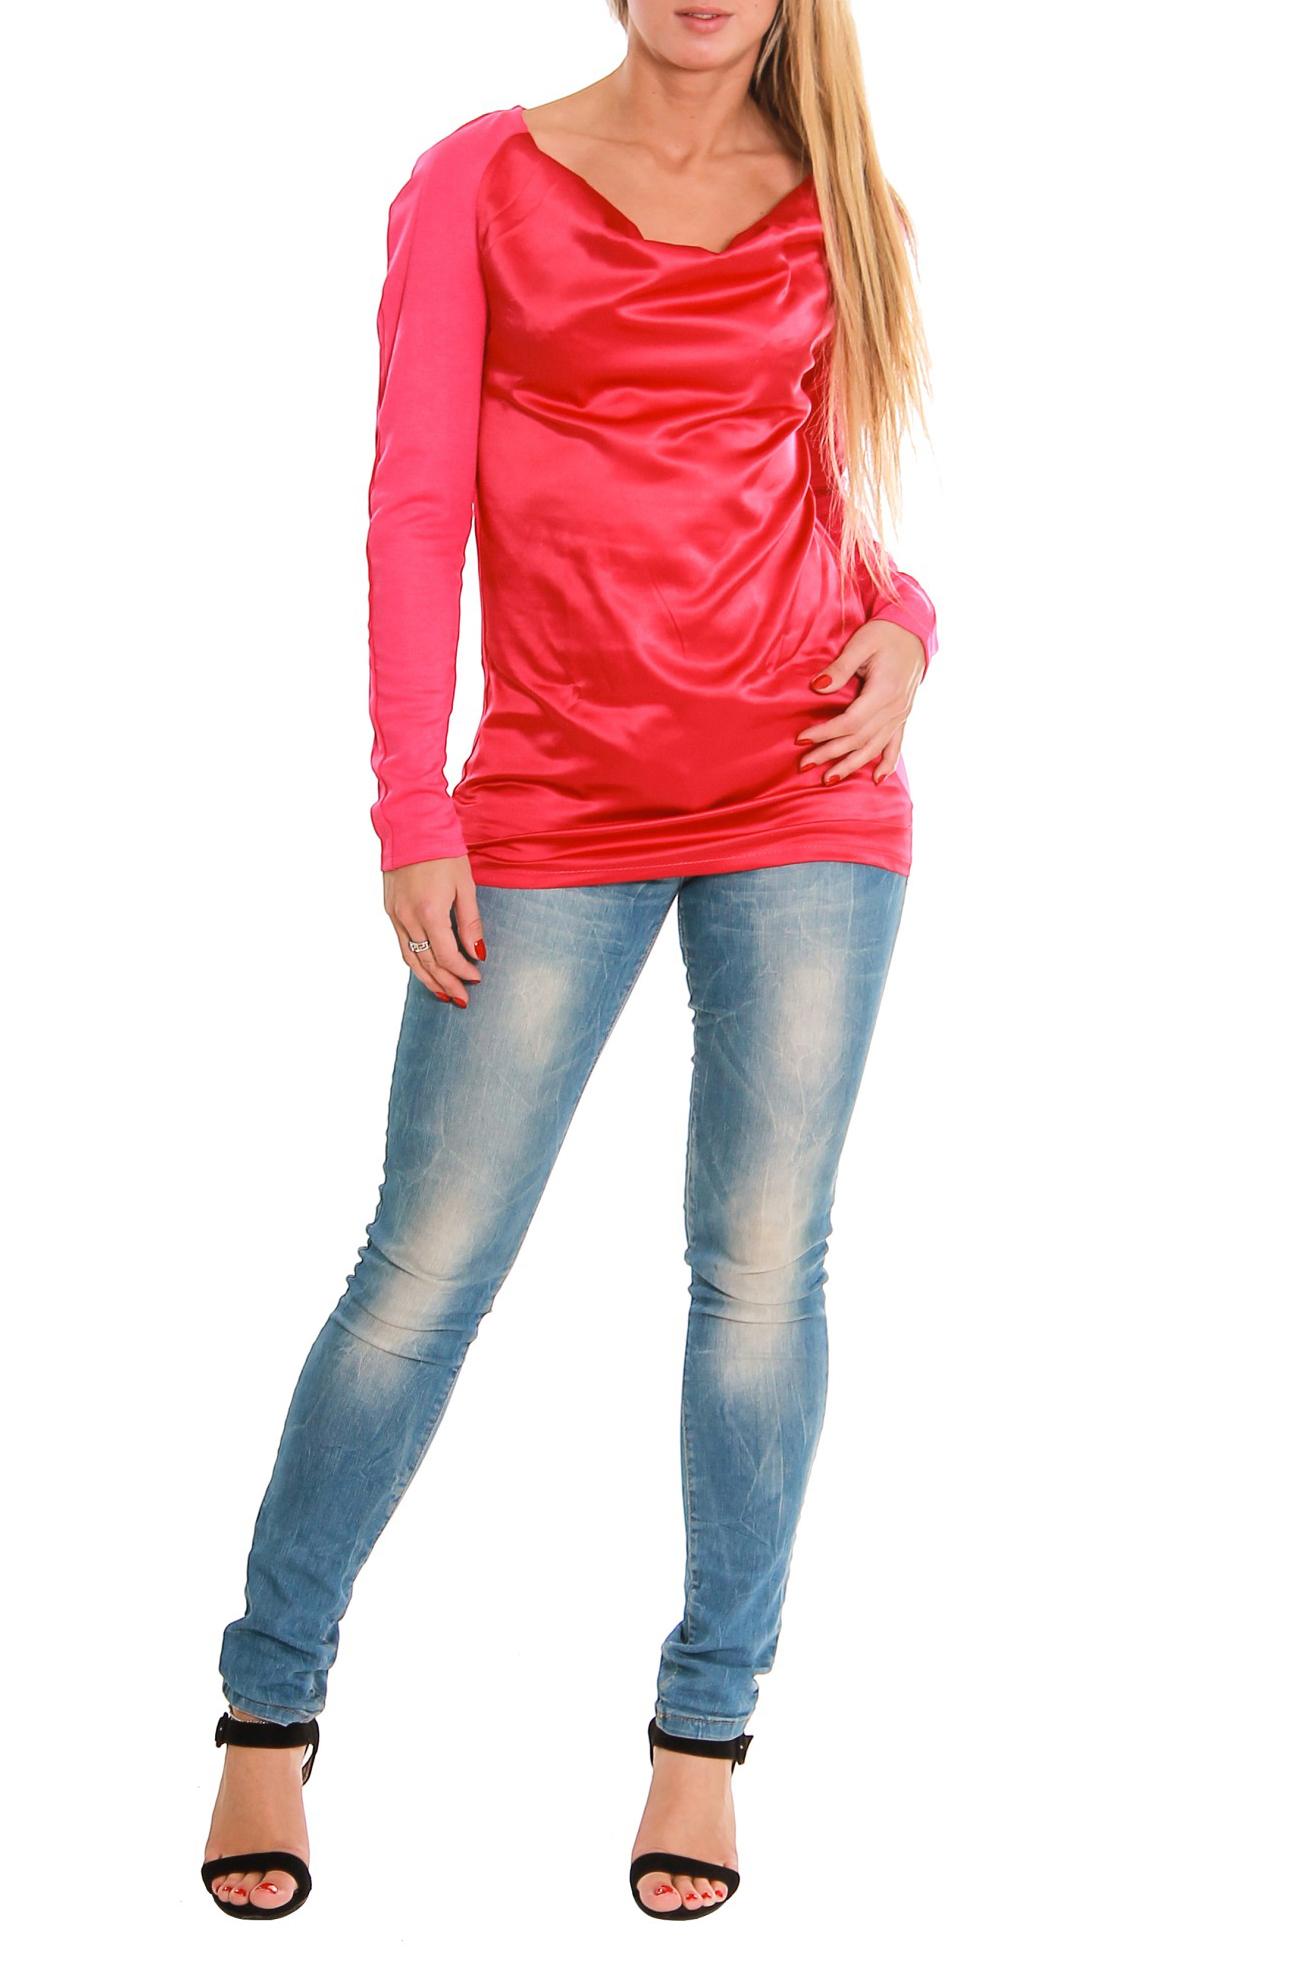 БлузкаБлузки<br>Блуза свободного кроя, длинной до бедер. Длиный рукав-реглан.<br><br>По образу: Город,Свидание<br>По рисунку: Однотонные,Неоновые<br>По сезону: Зима,Осень,Весна<br>По элементам: С декором,Со складками<br>Рукав: Длинный рукав<br>Горловина: Качель<br>По силуэту: Свободные<br>По материалу: Атлас,Трикотаж,Хлопок<br>По стилю: Повседневный стиль<br>Размер : 52,54<br>Материал: Джерси<br>Количество в наличии: 3